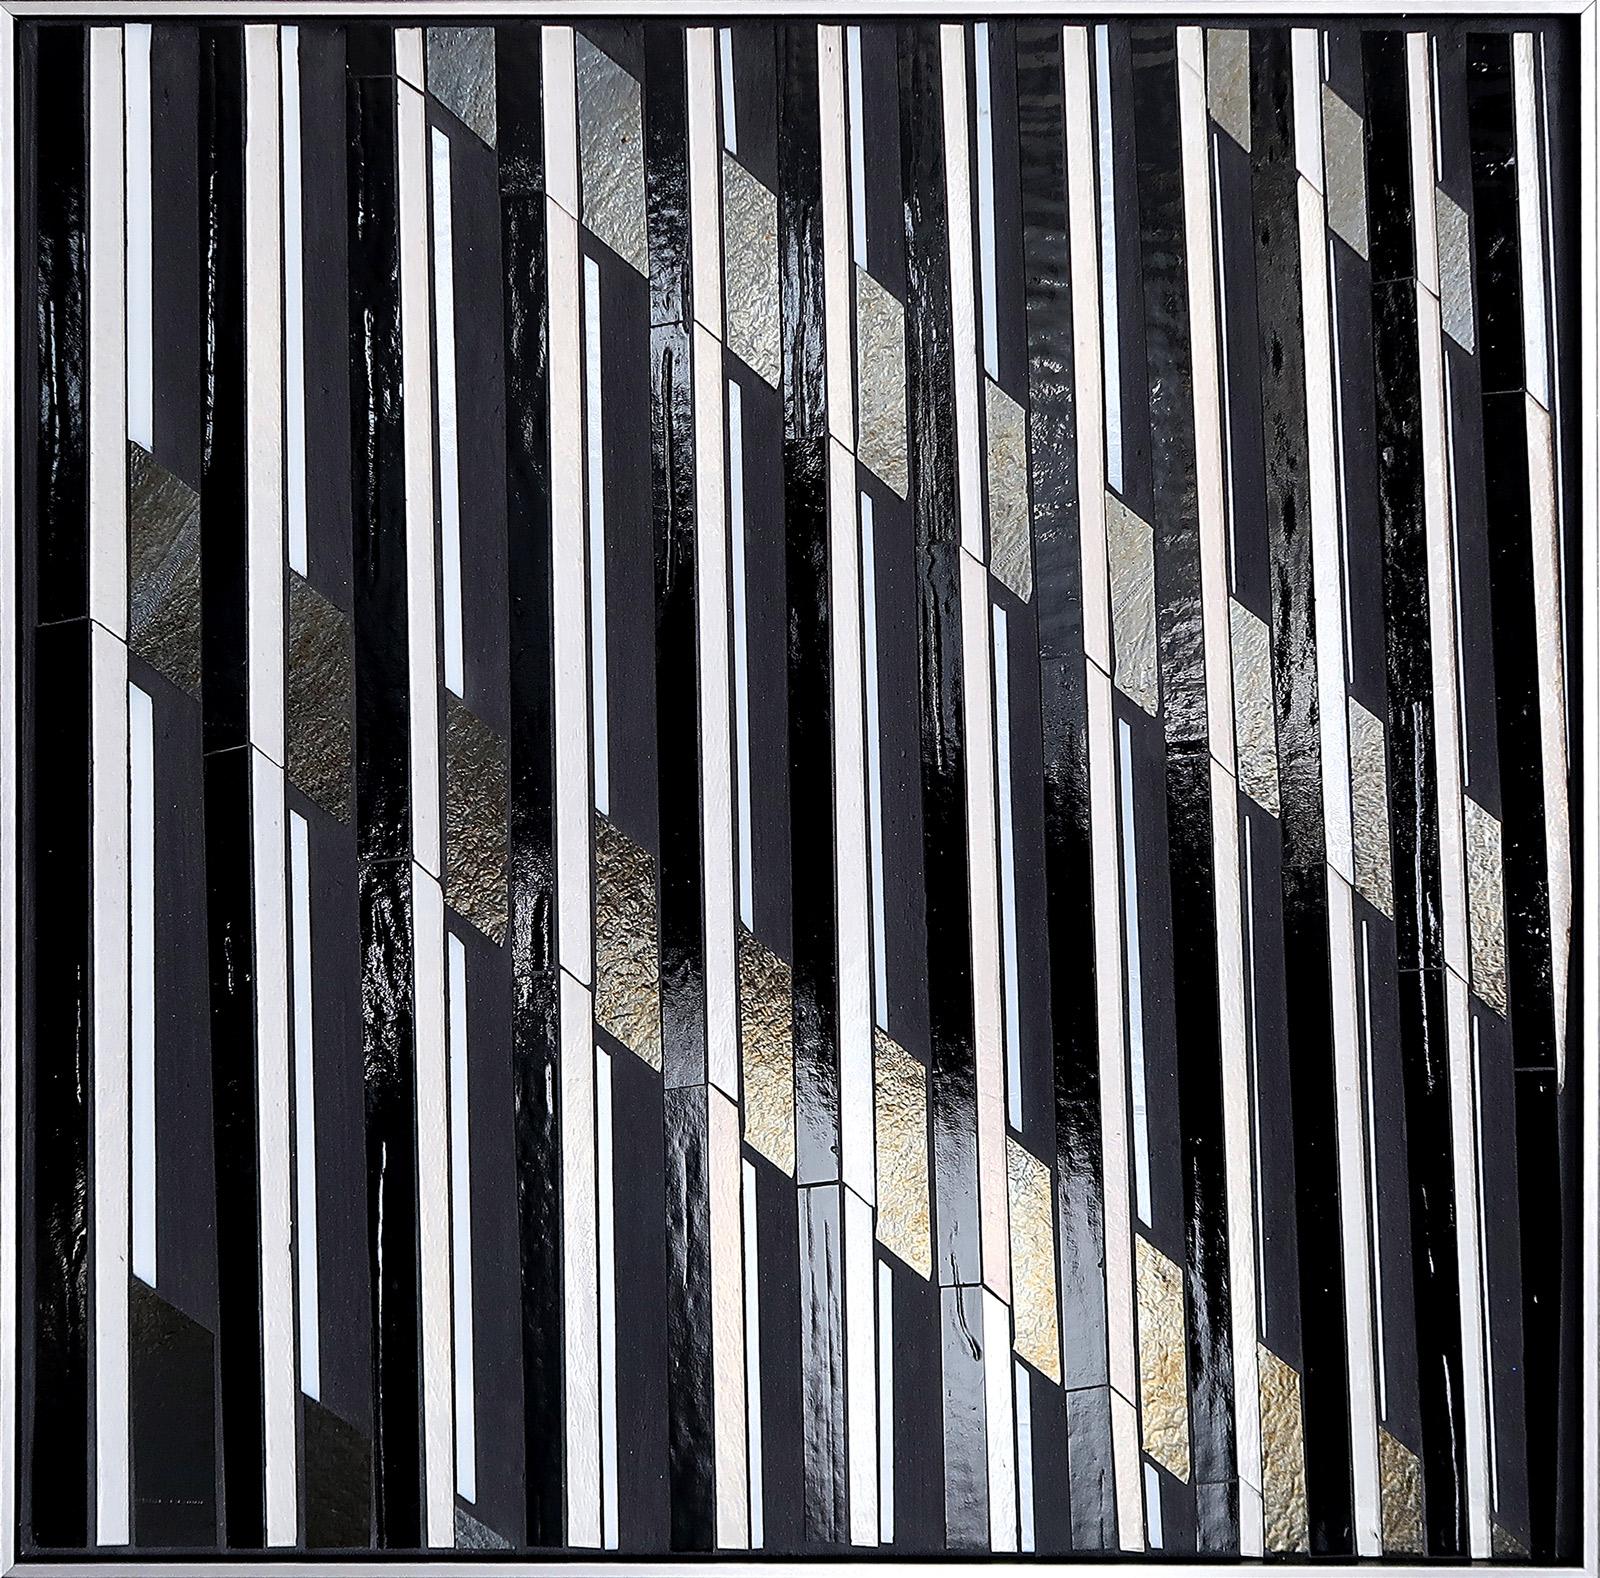 Reflect 1.36 Abstract Mies